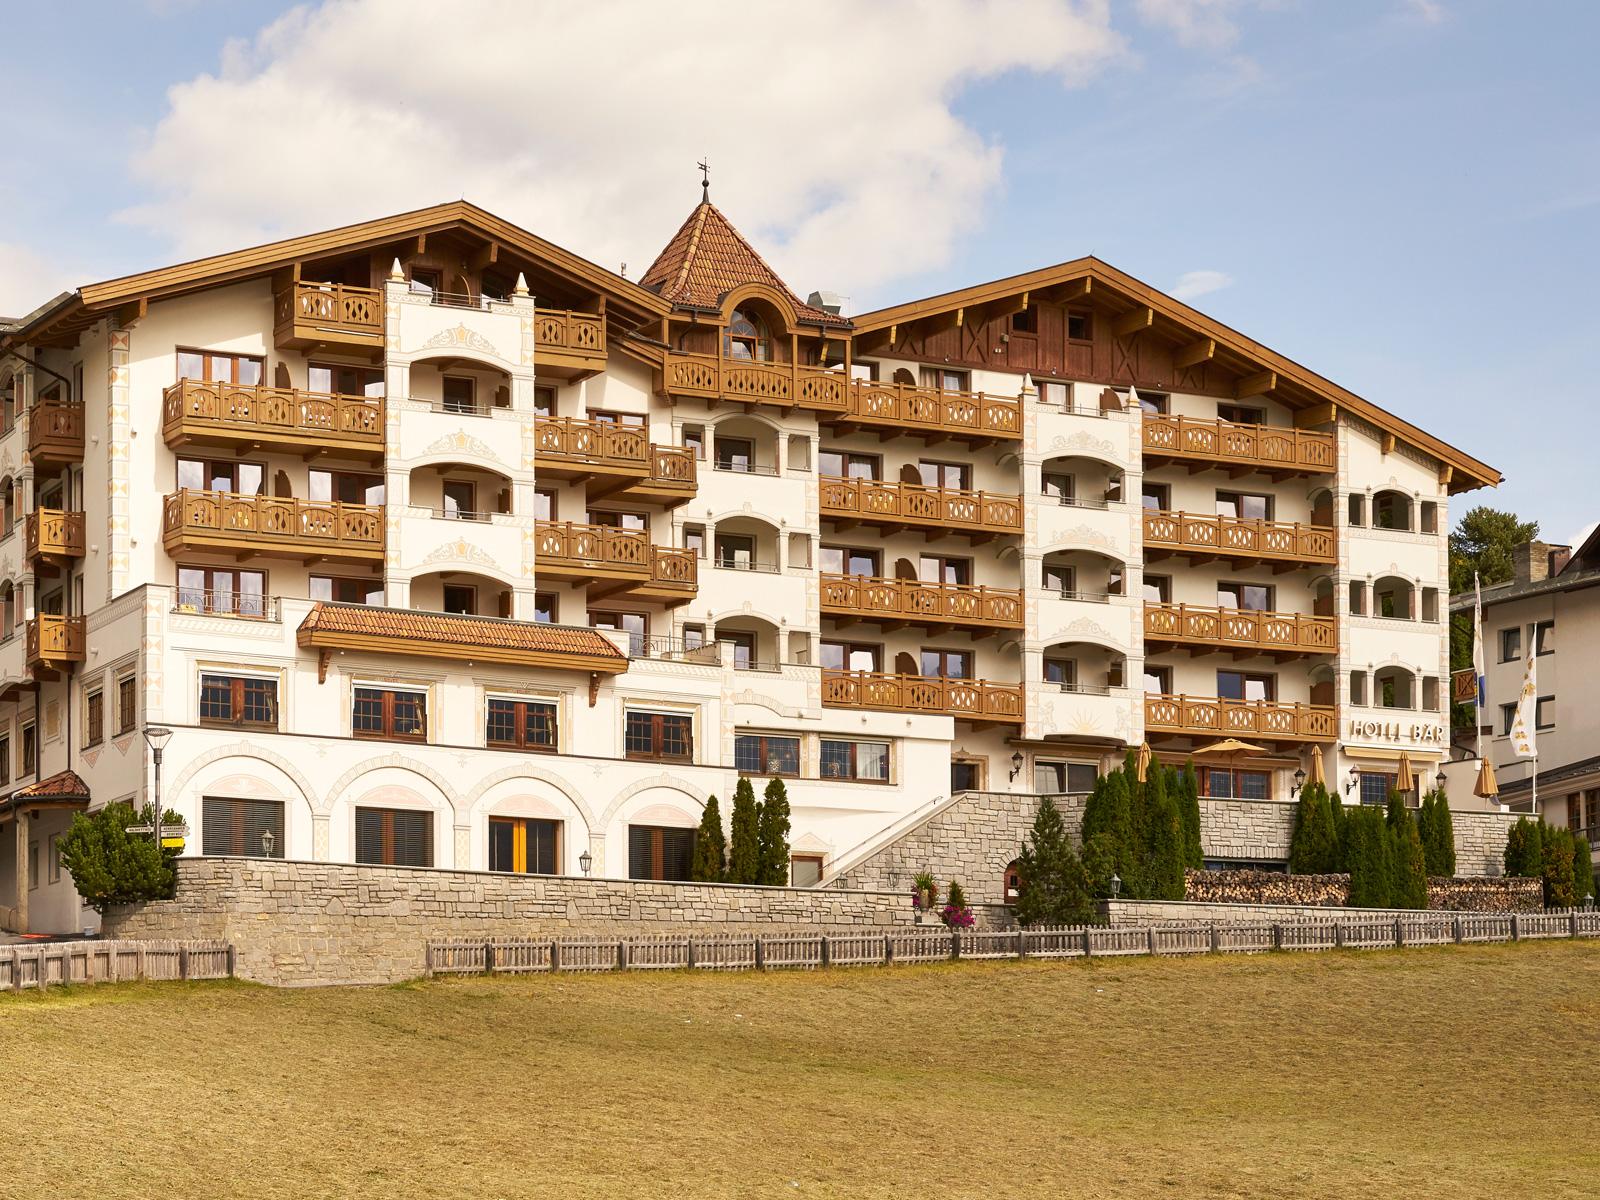 hotelbaer8